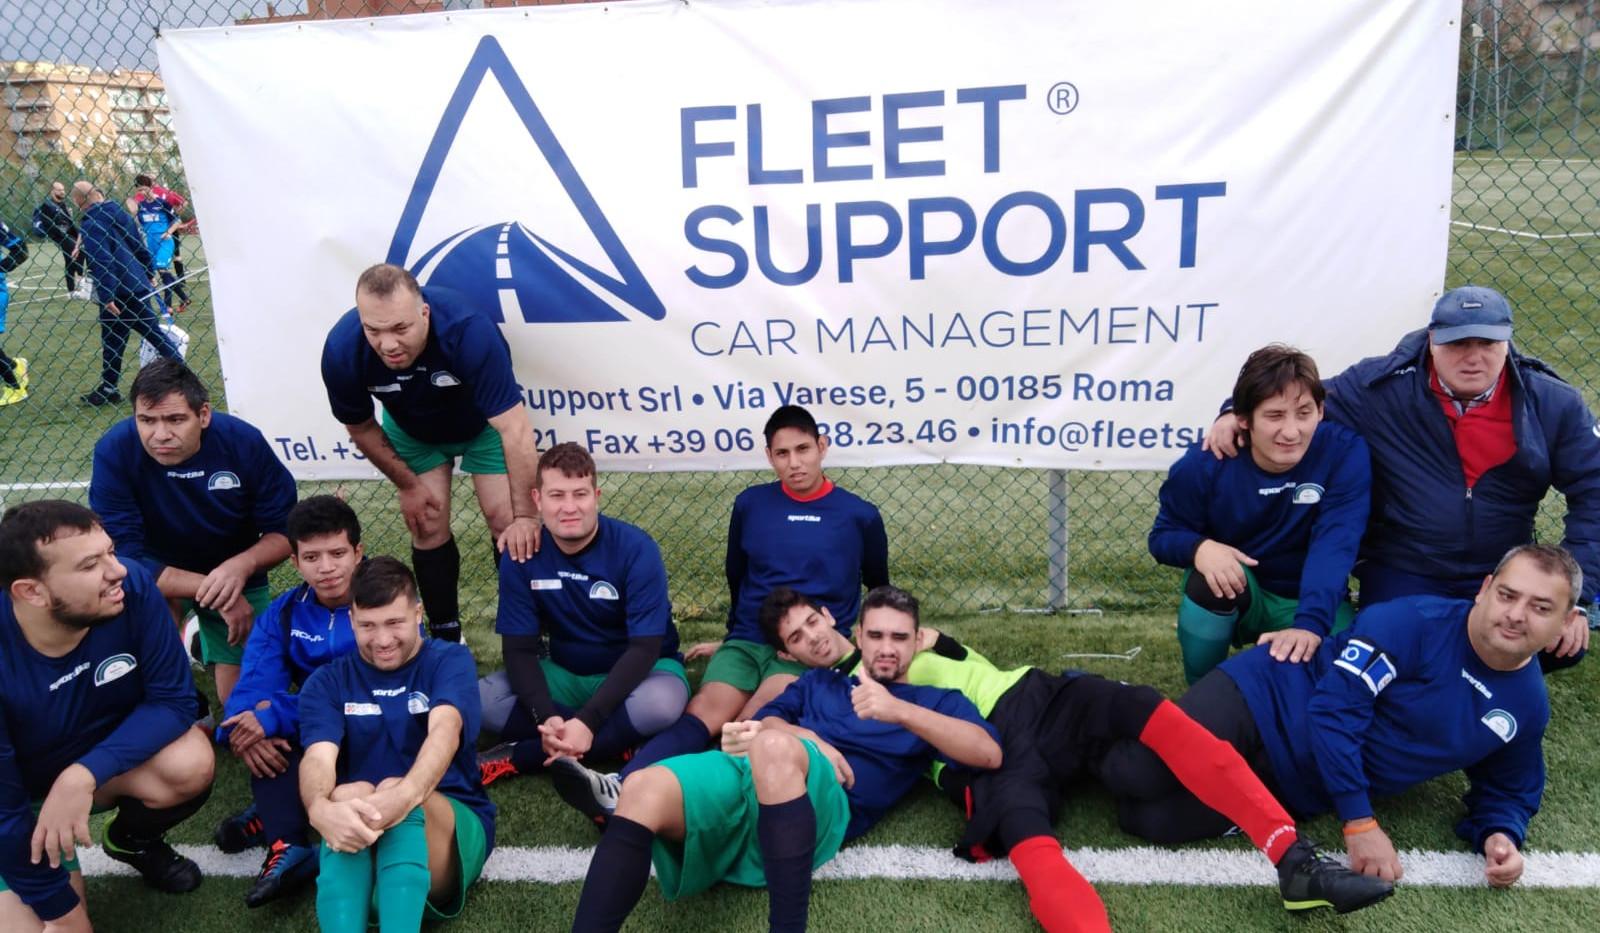 centocellefc torneo fleet support 10.jpe